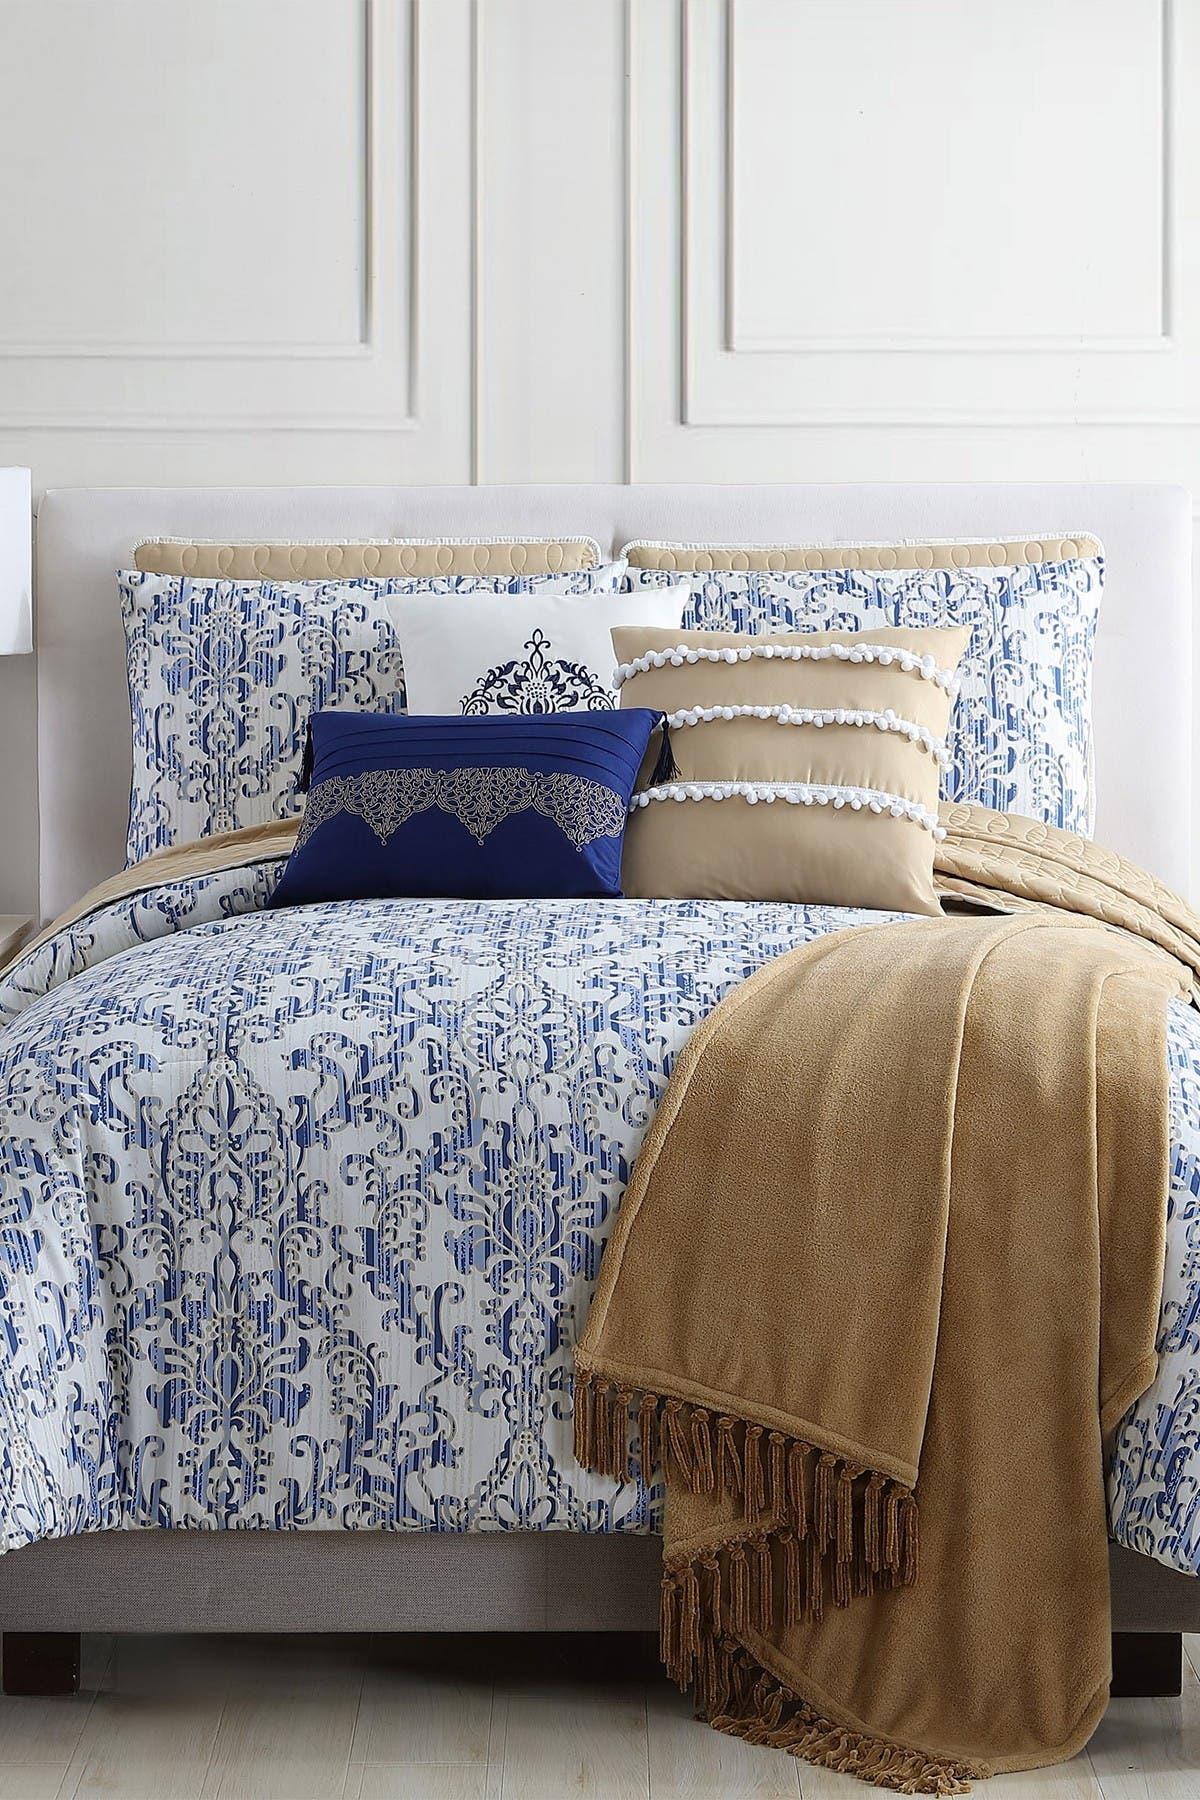 Modern Threads King Paragon Comforter Coverlet Set Multi Nordstrom Rack